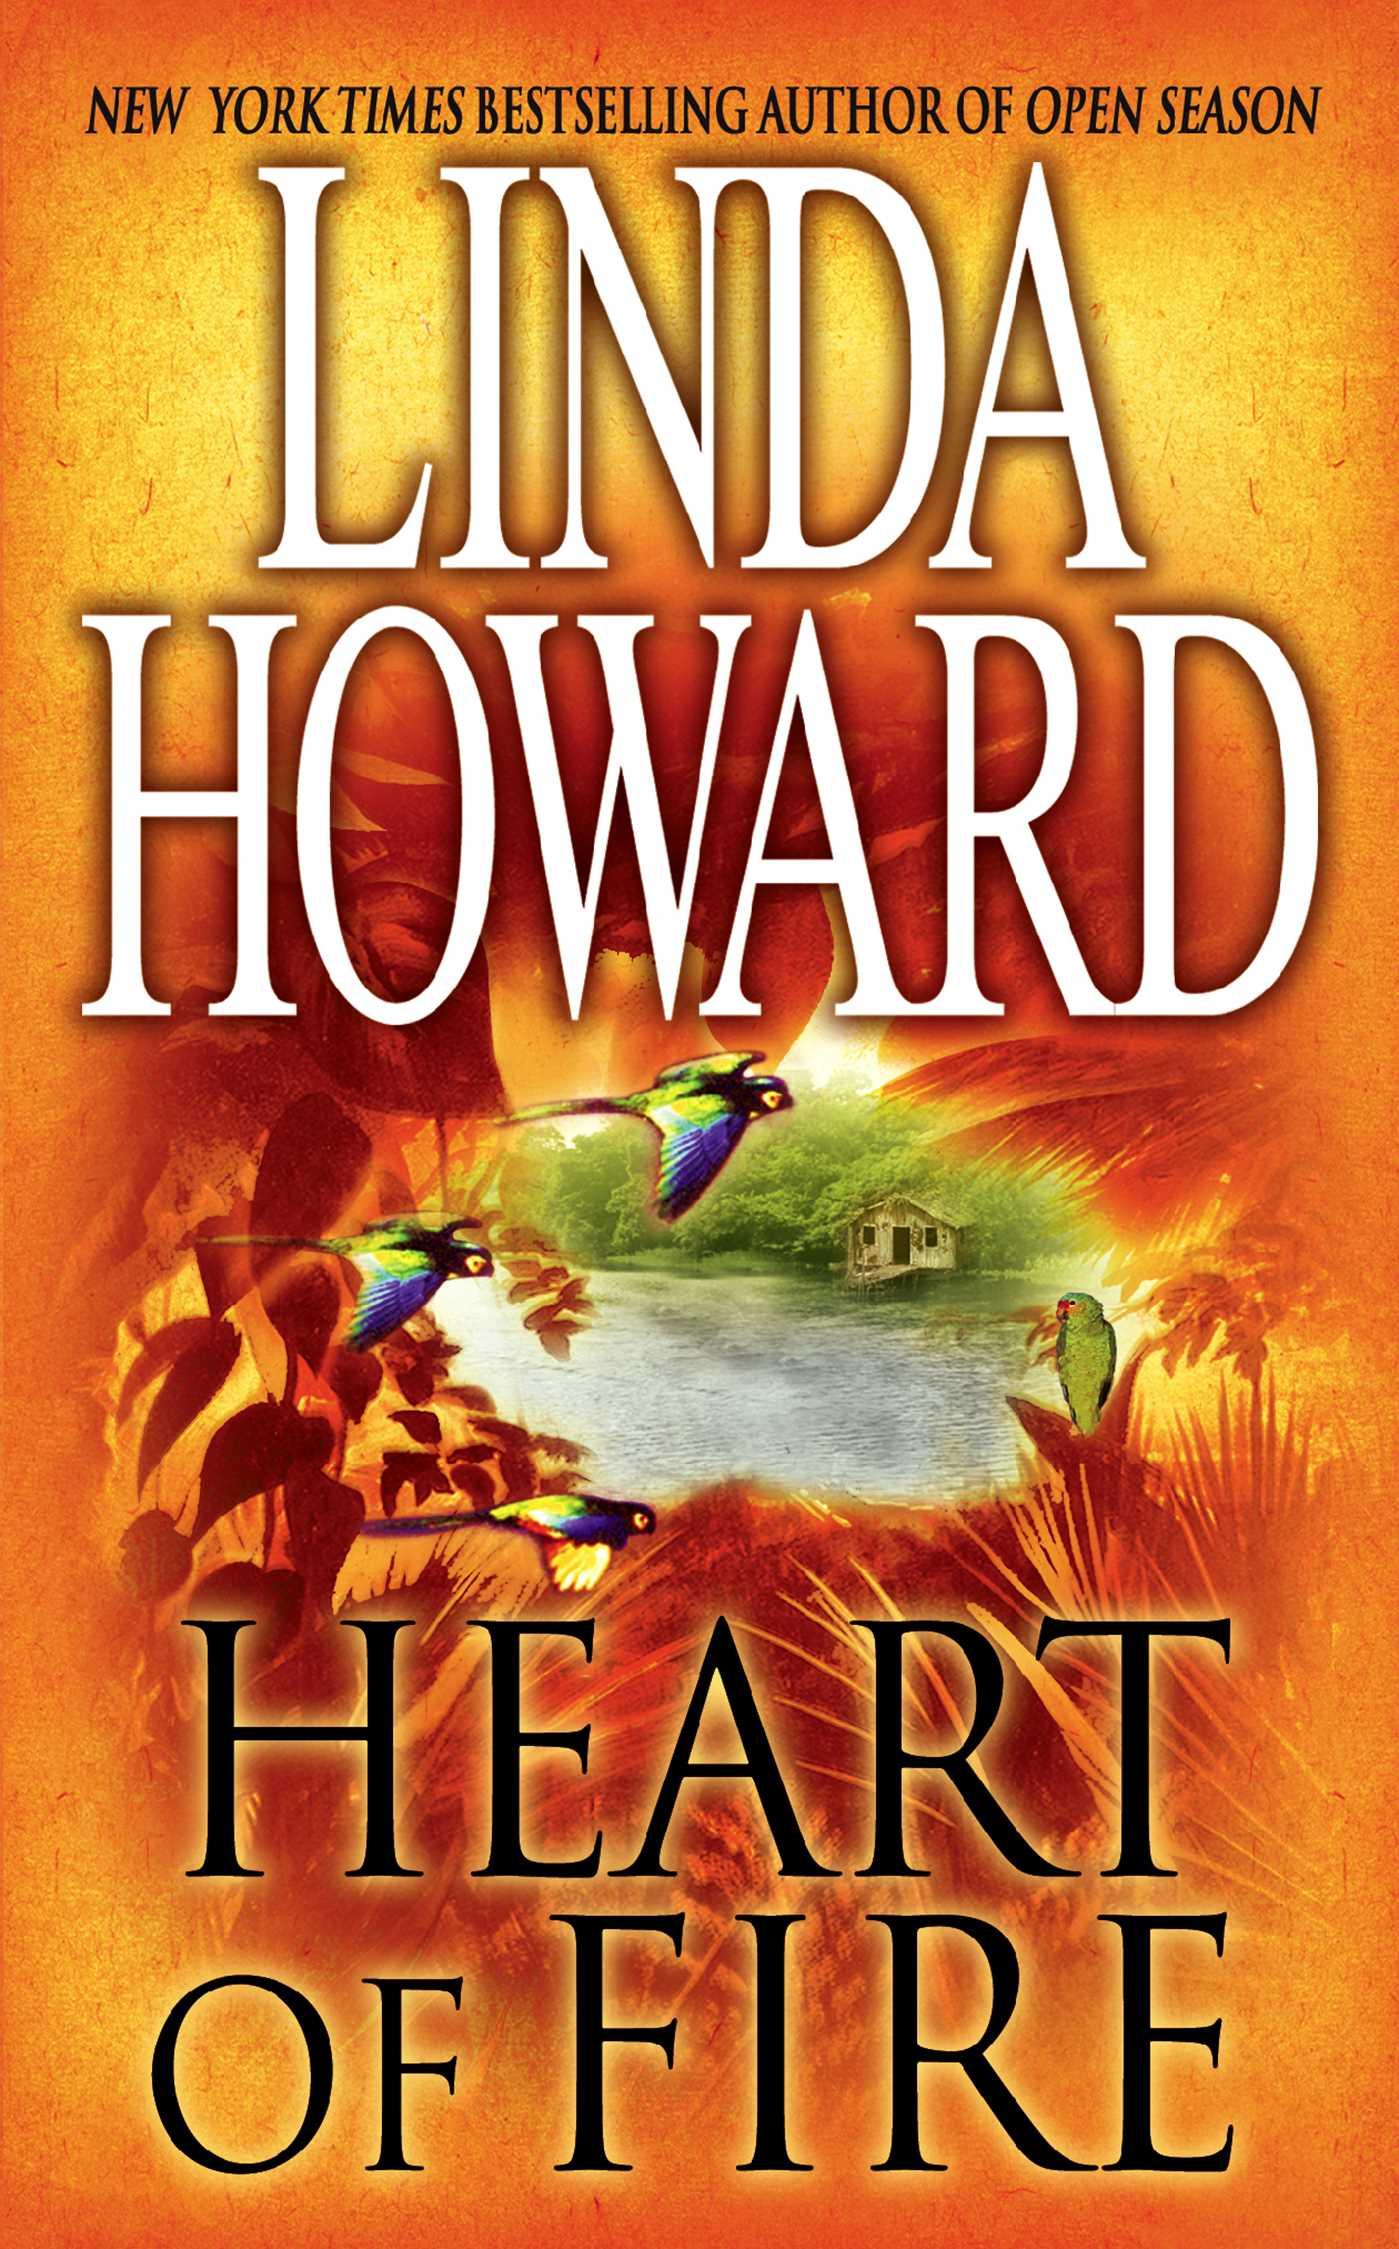 Heart of fire 9781451664430 hr